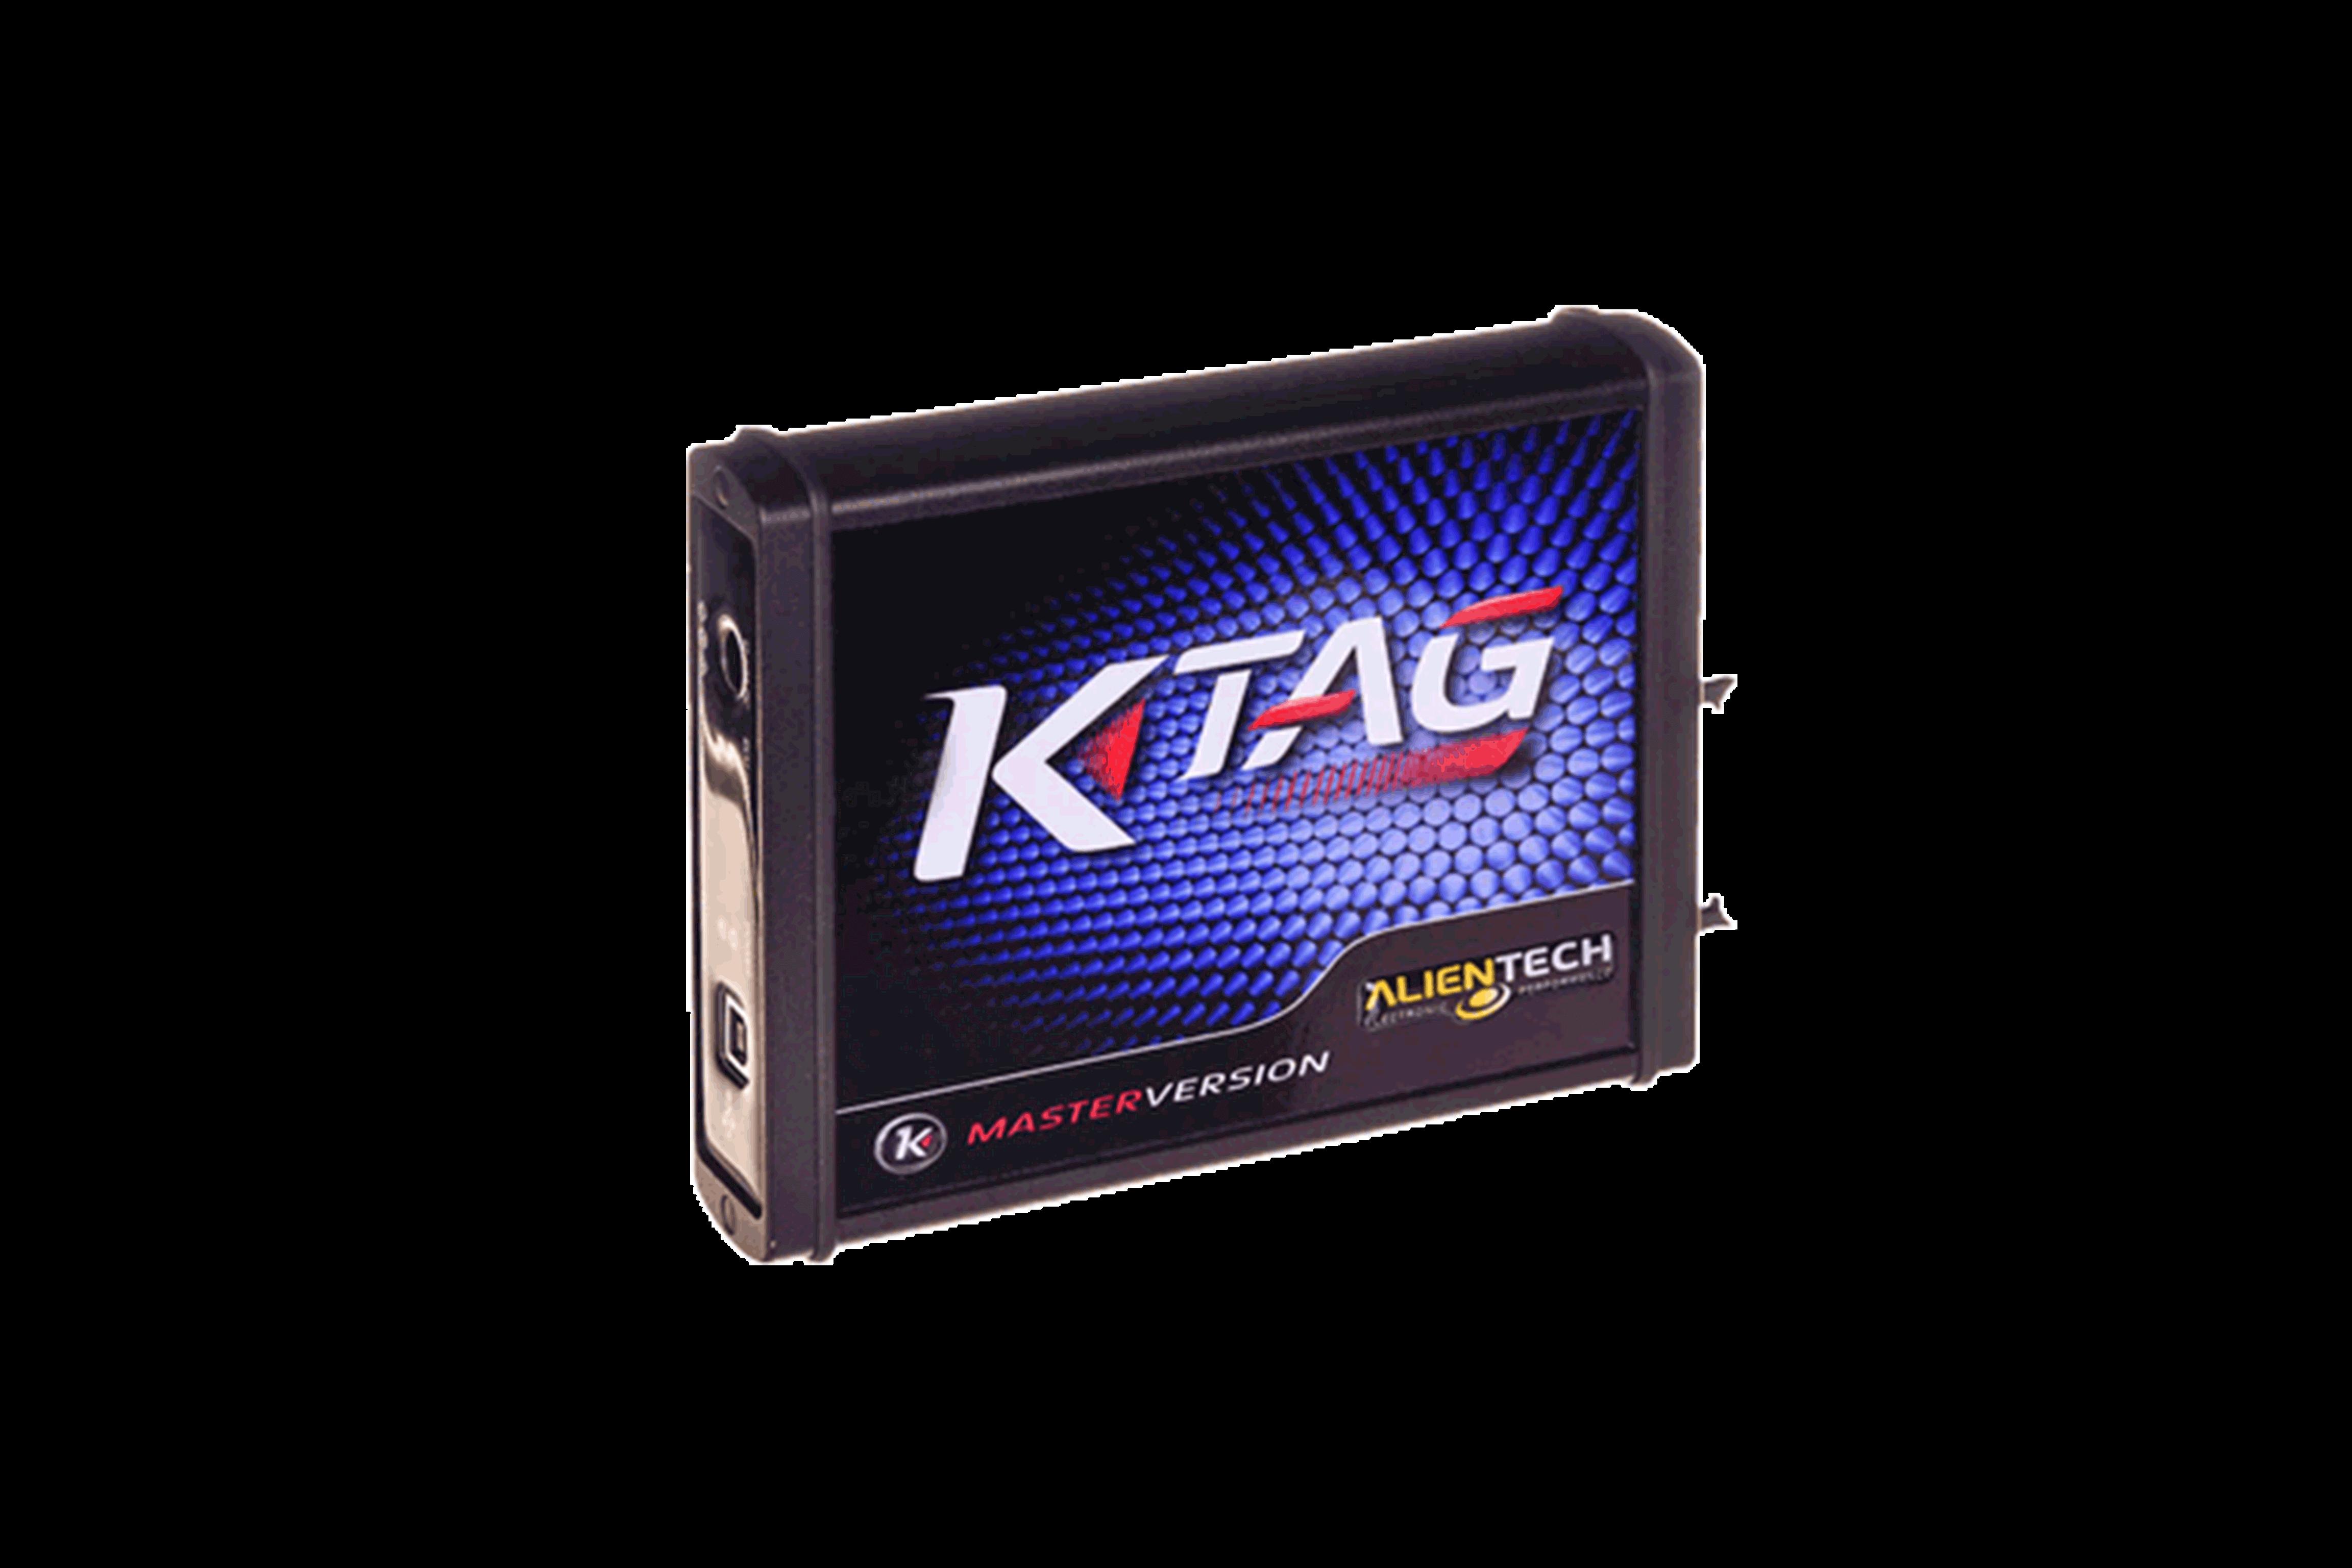 K-tag master